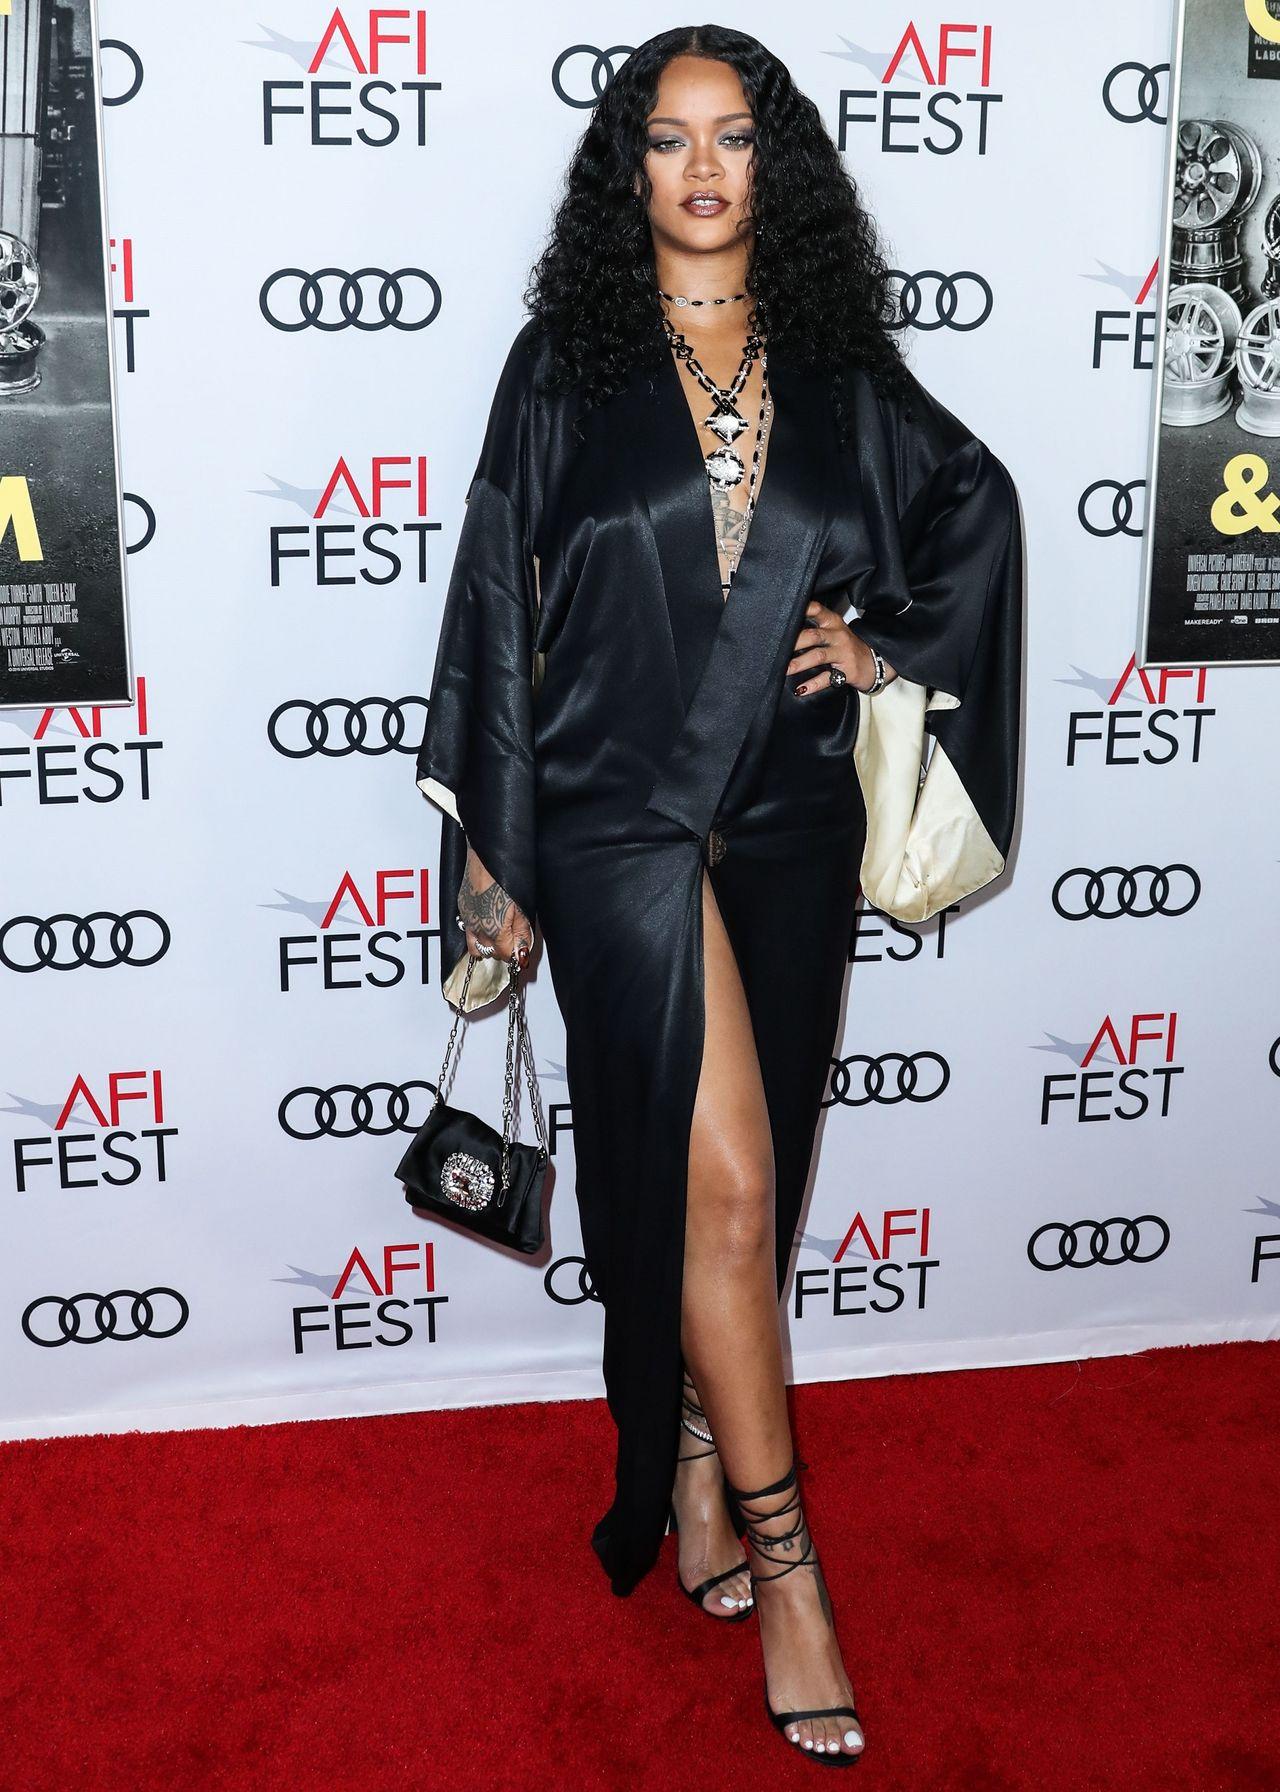 Elegancka Rihanna w satynowej sukni na czerwonym dywanie.